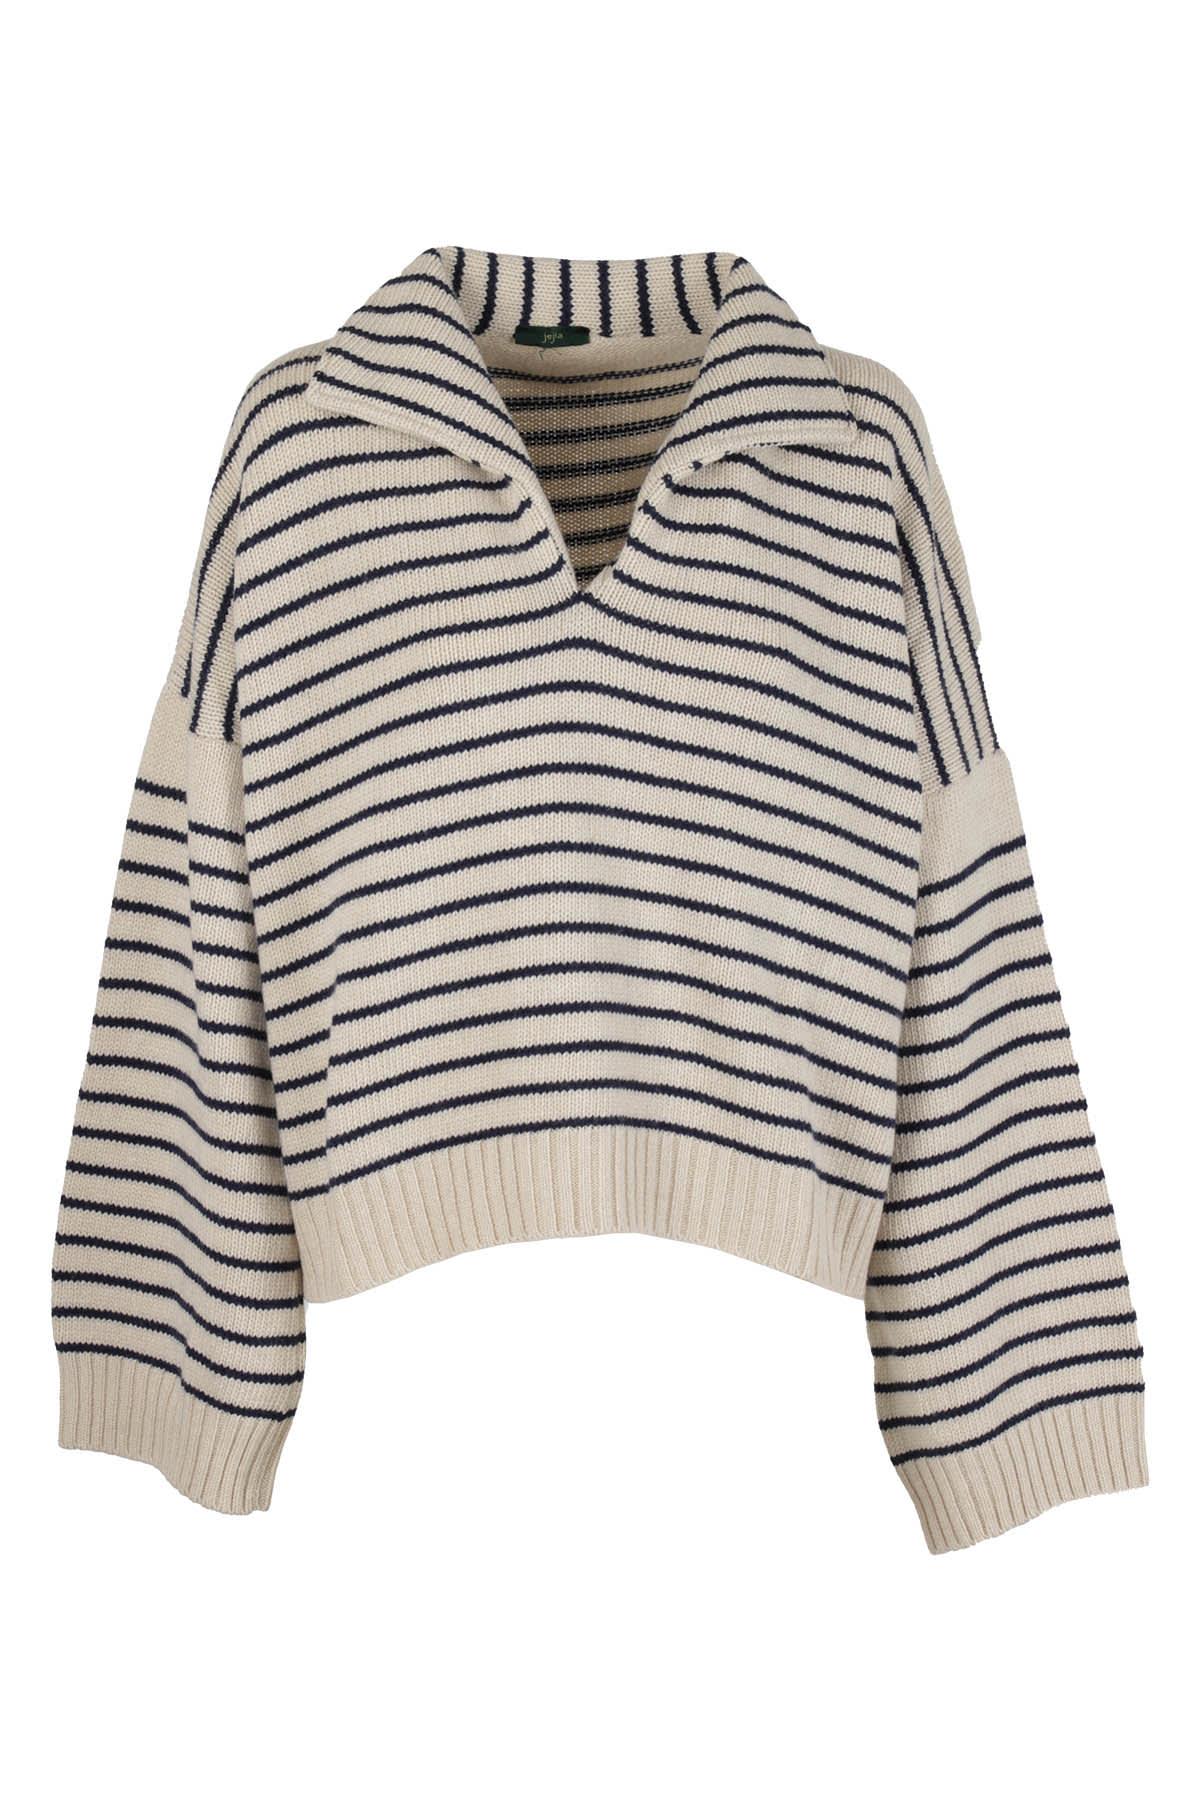 Jejia Sweater In Bianco Nero